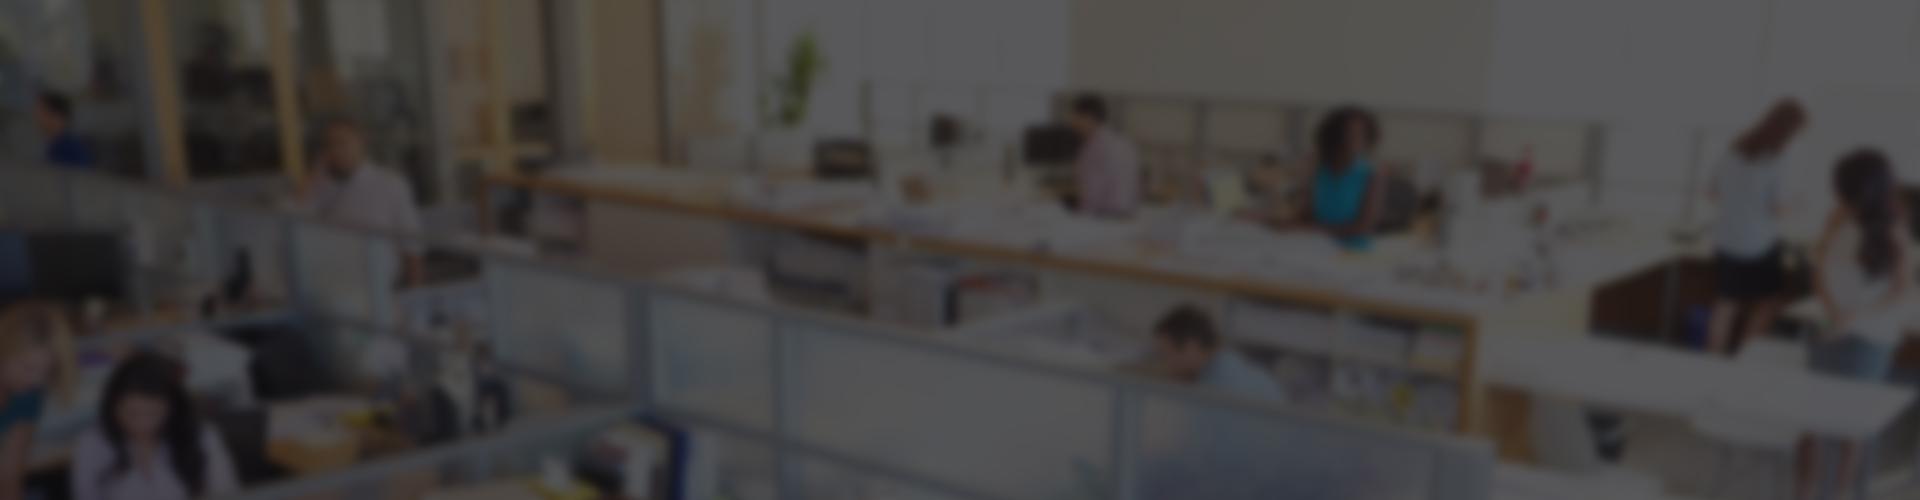 barrera enterprises IT solutions